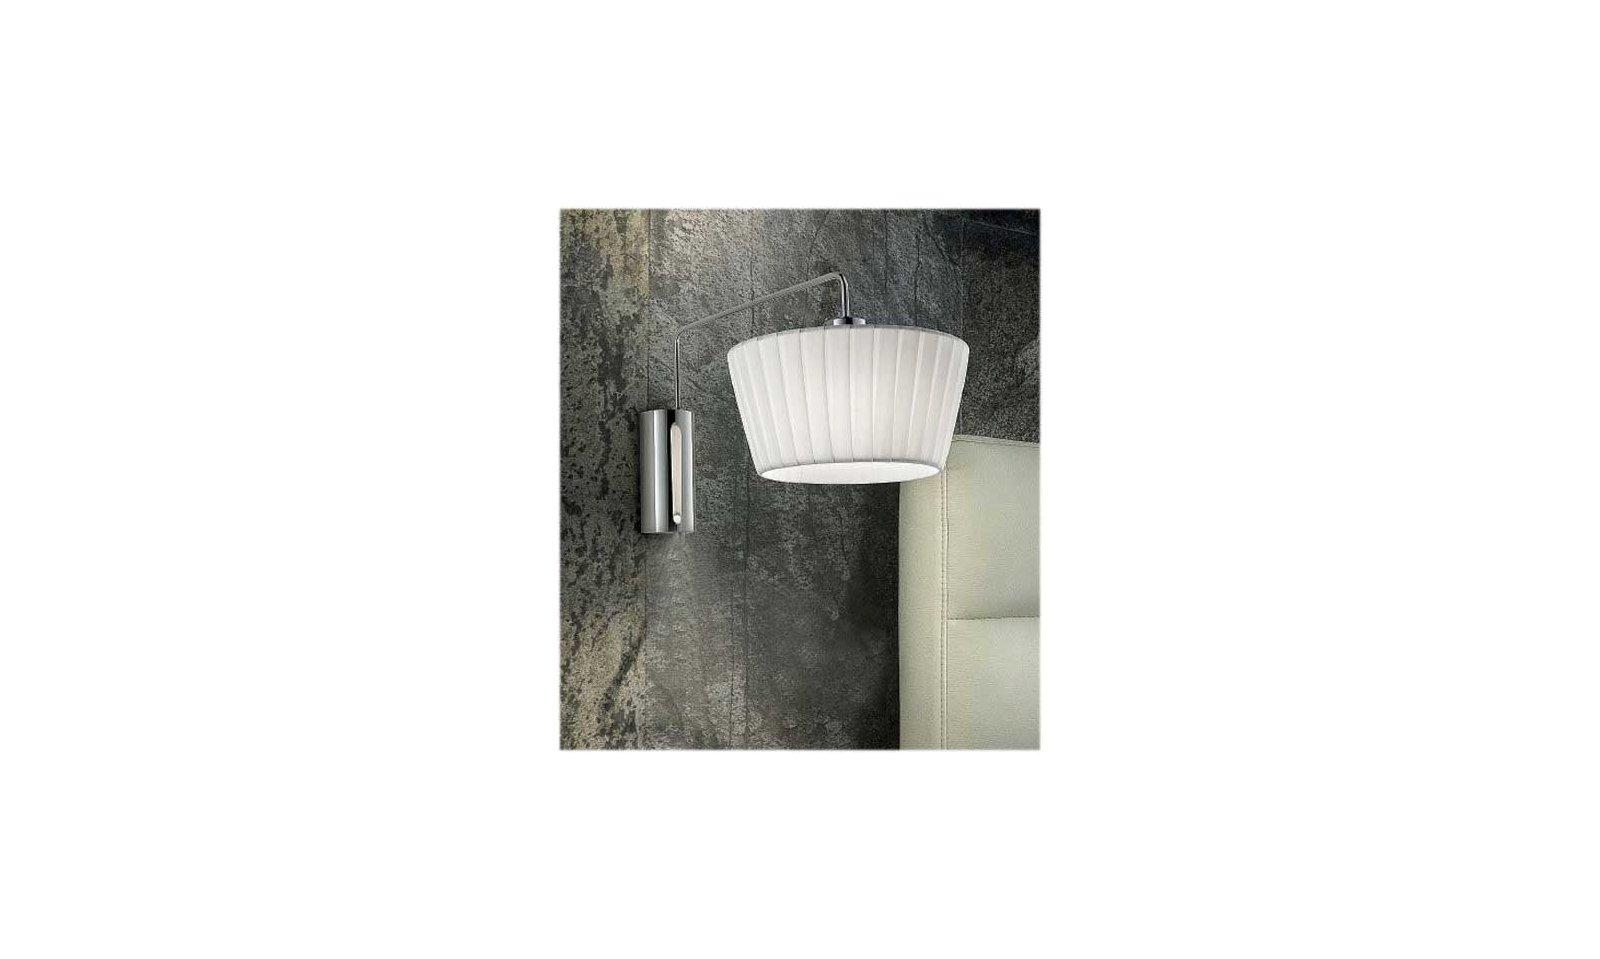 Sil lux cannes lampada da parete contemporanea in acciaio e tessuto